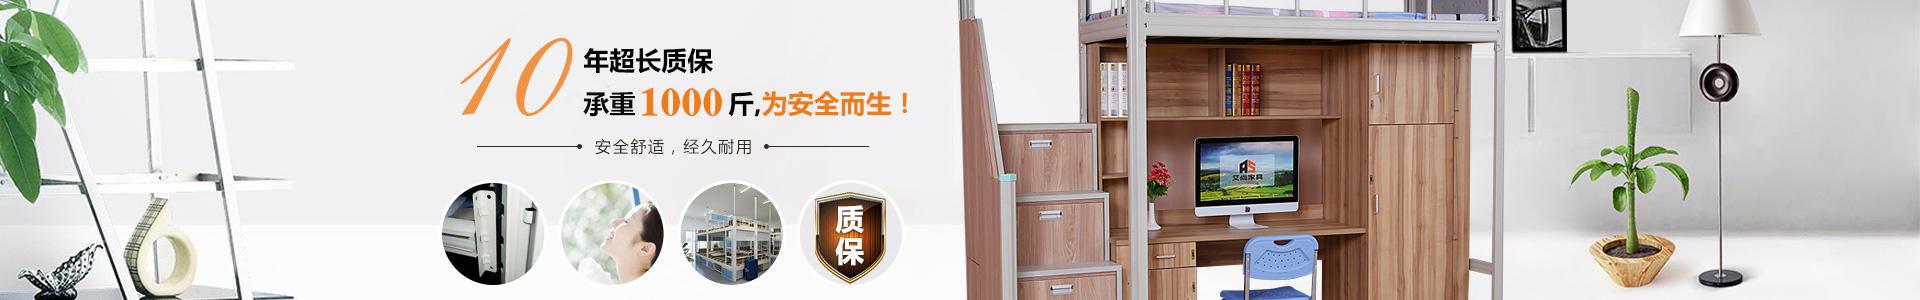 重庆铁床厂家